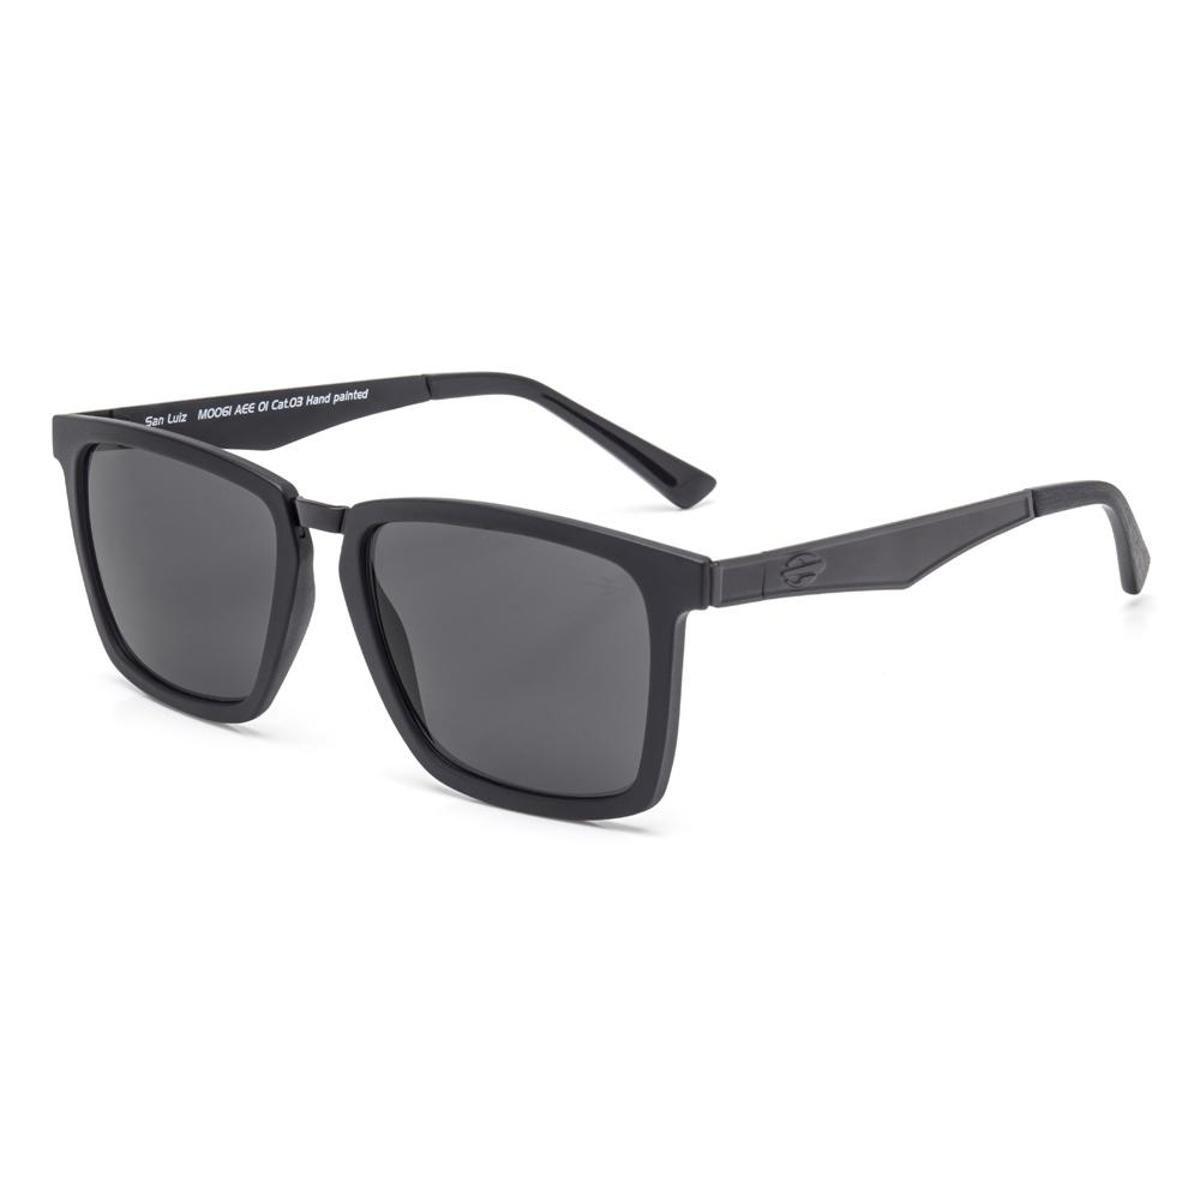 a51094483c3b3 Óculos De Sol Mormaii San Luiz - Preto - Compre Agora